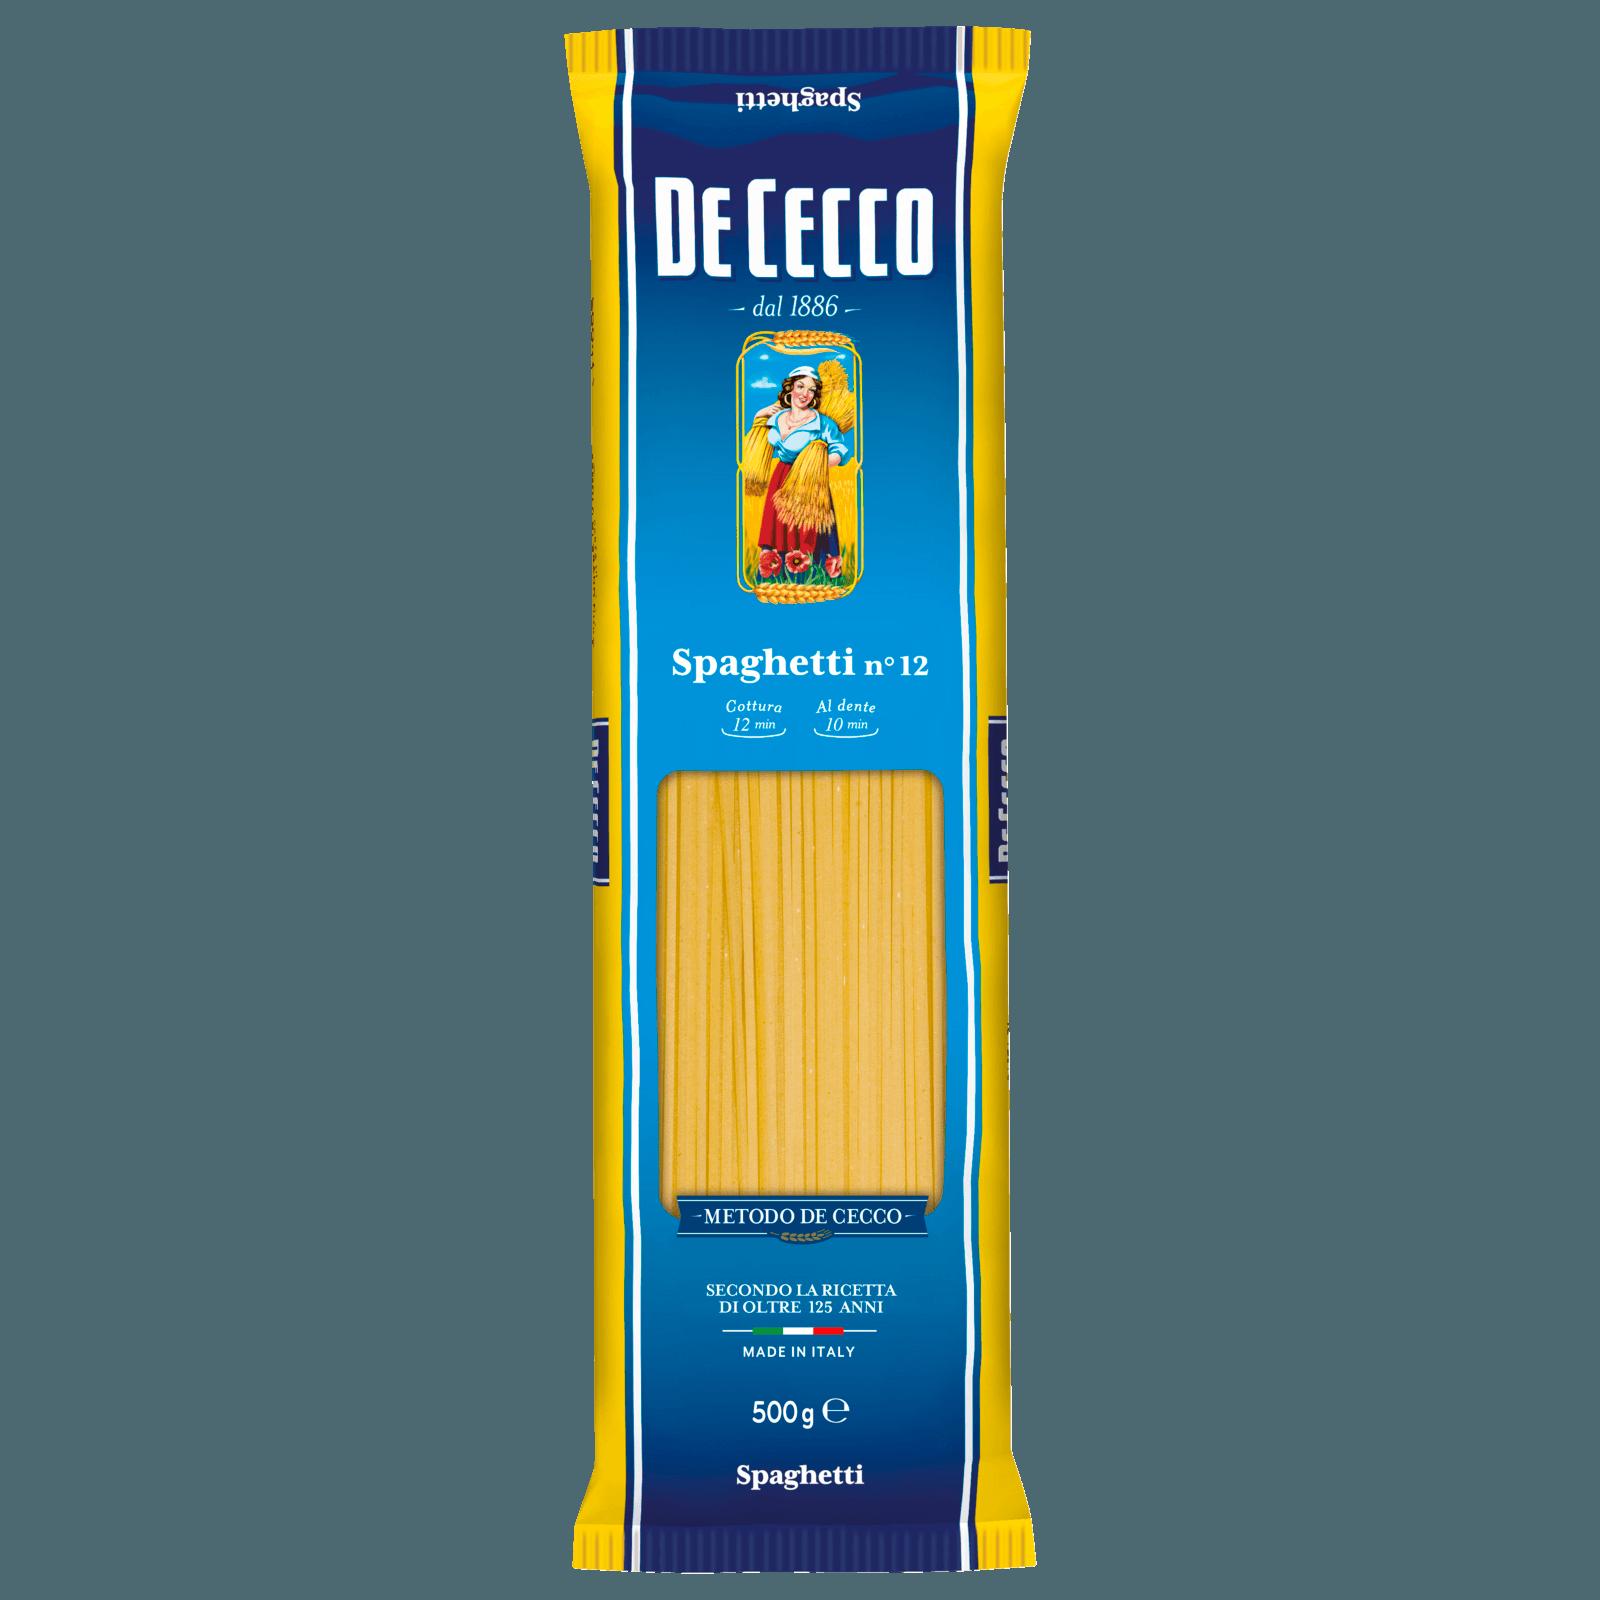 De Cecco Spaghettini 500g